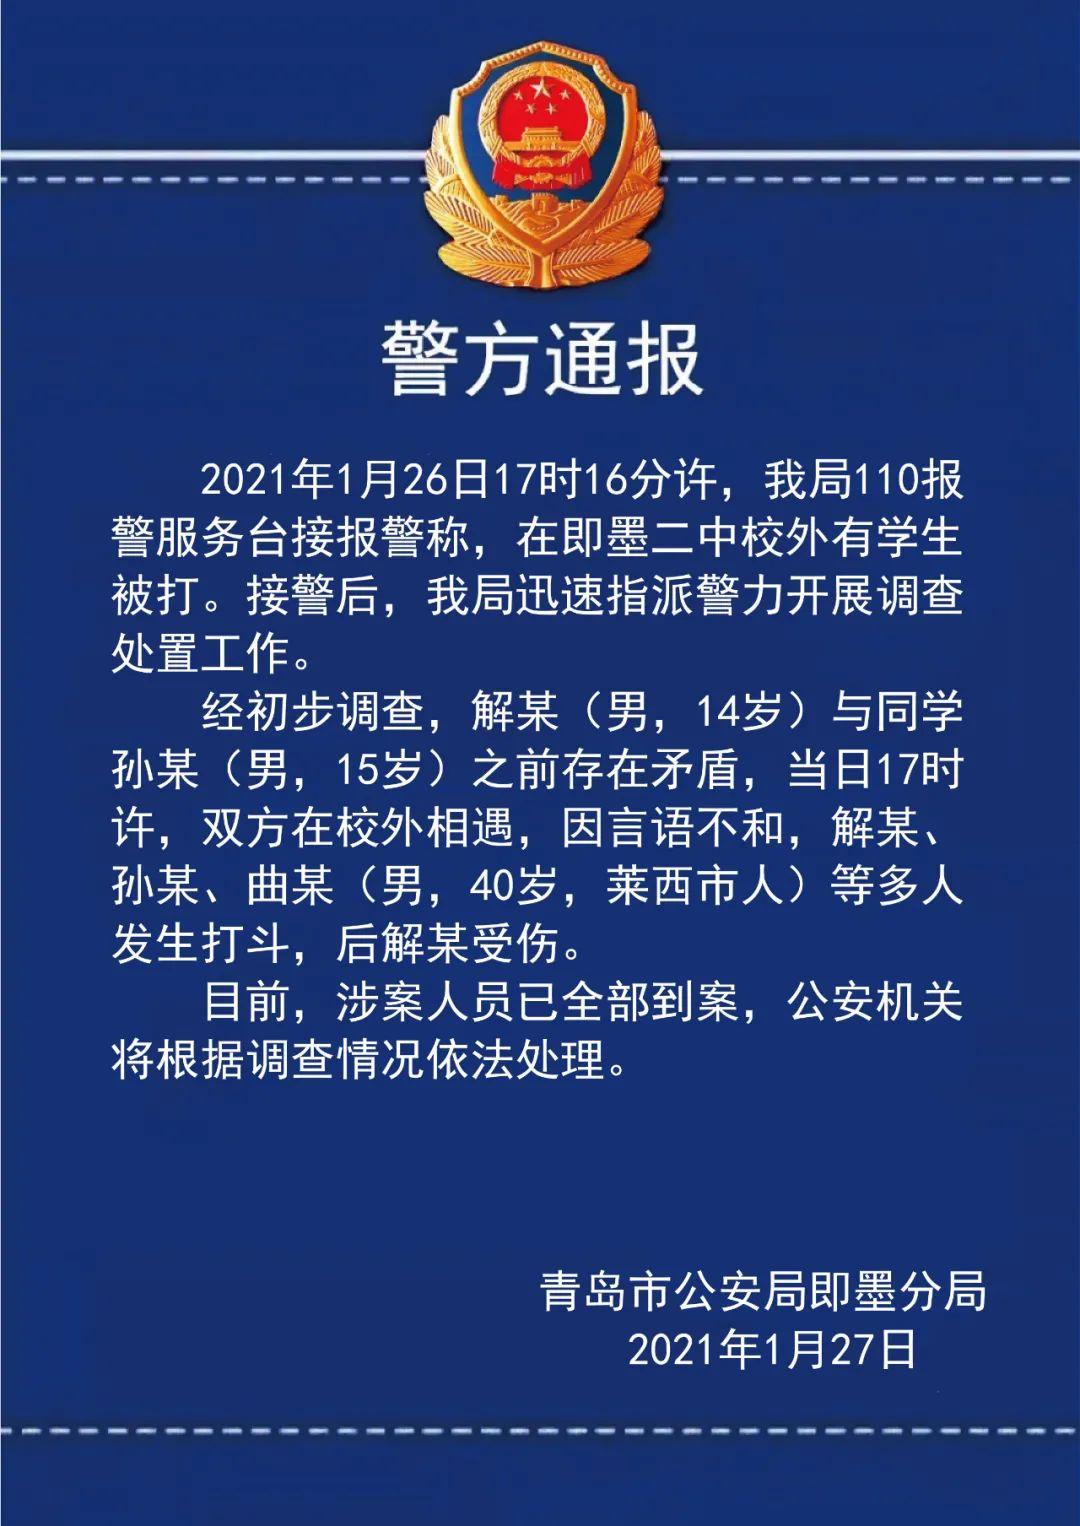 """青岛警方通报""""即墨二中学生被打"""":同学矛盾引发多人打斗 涉案人员全部到案"""